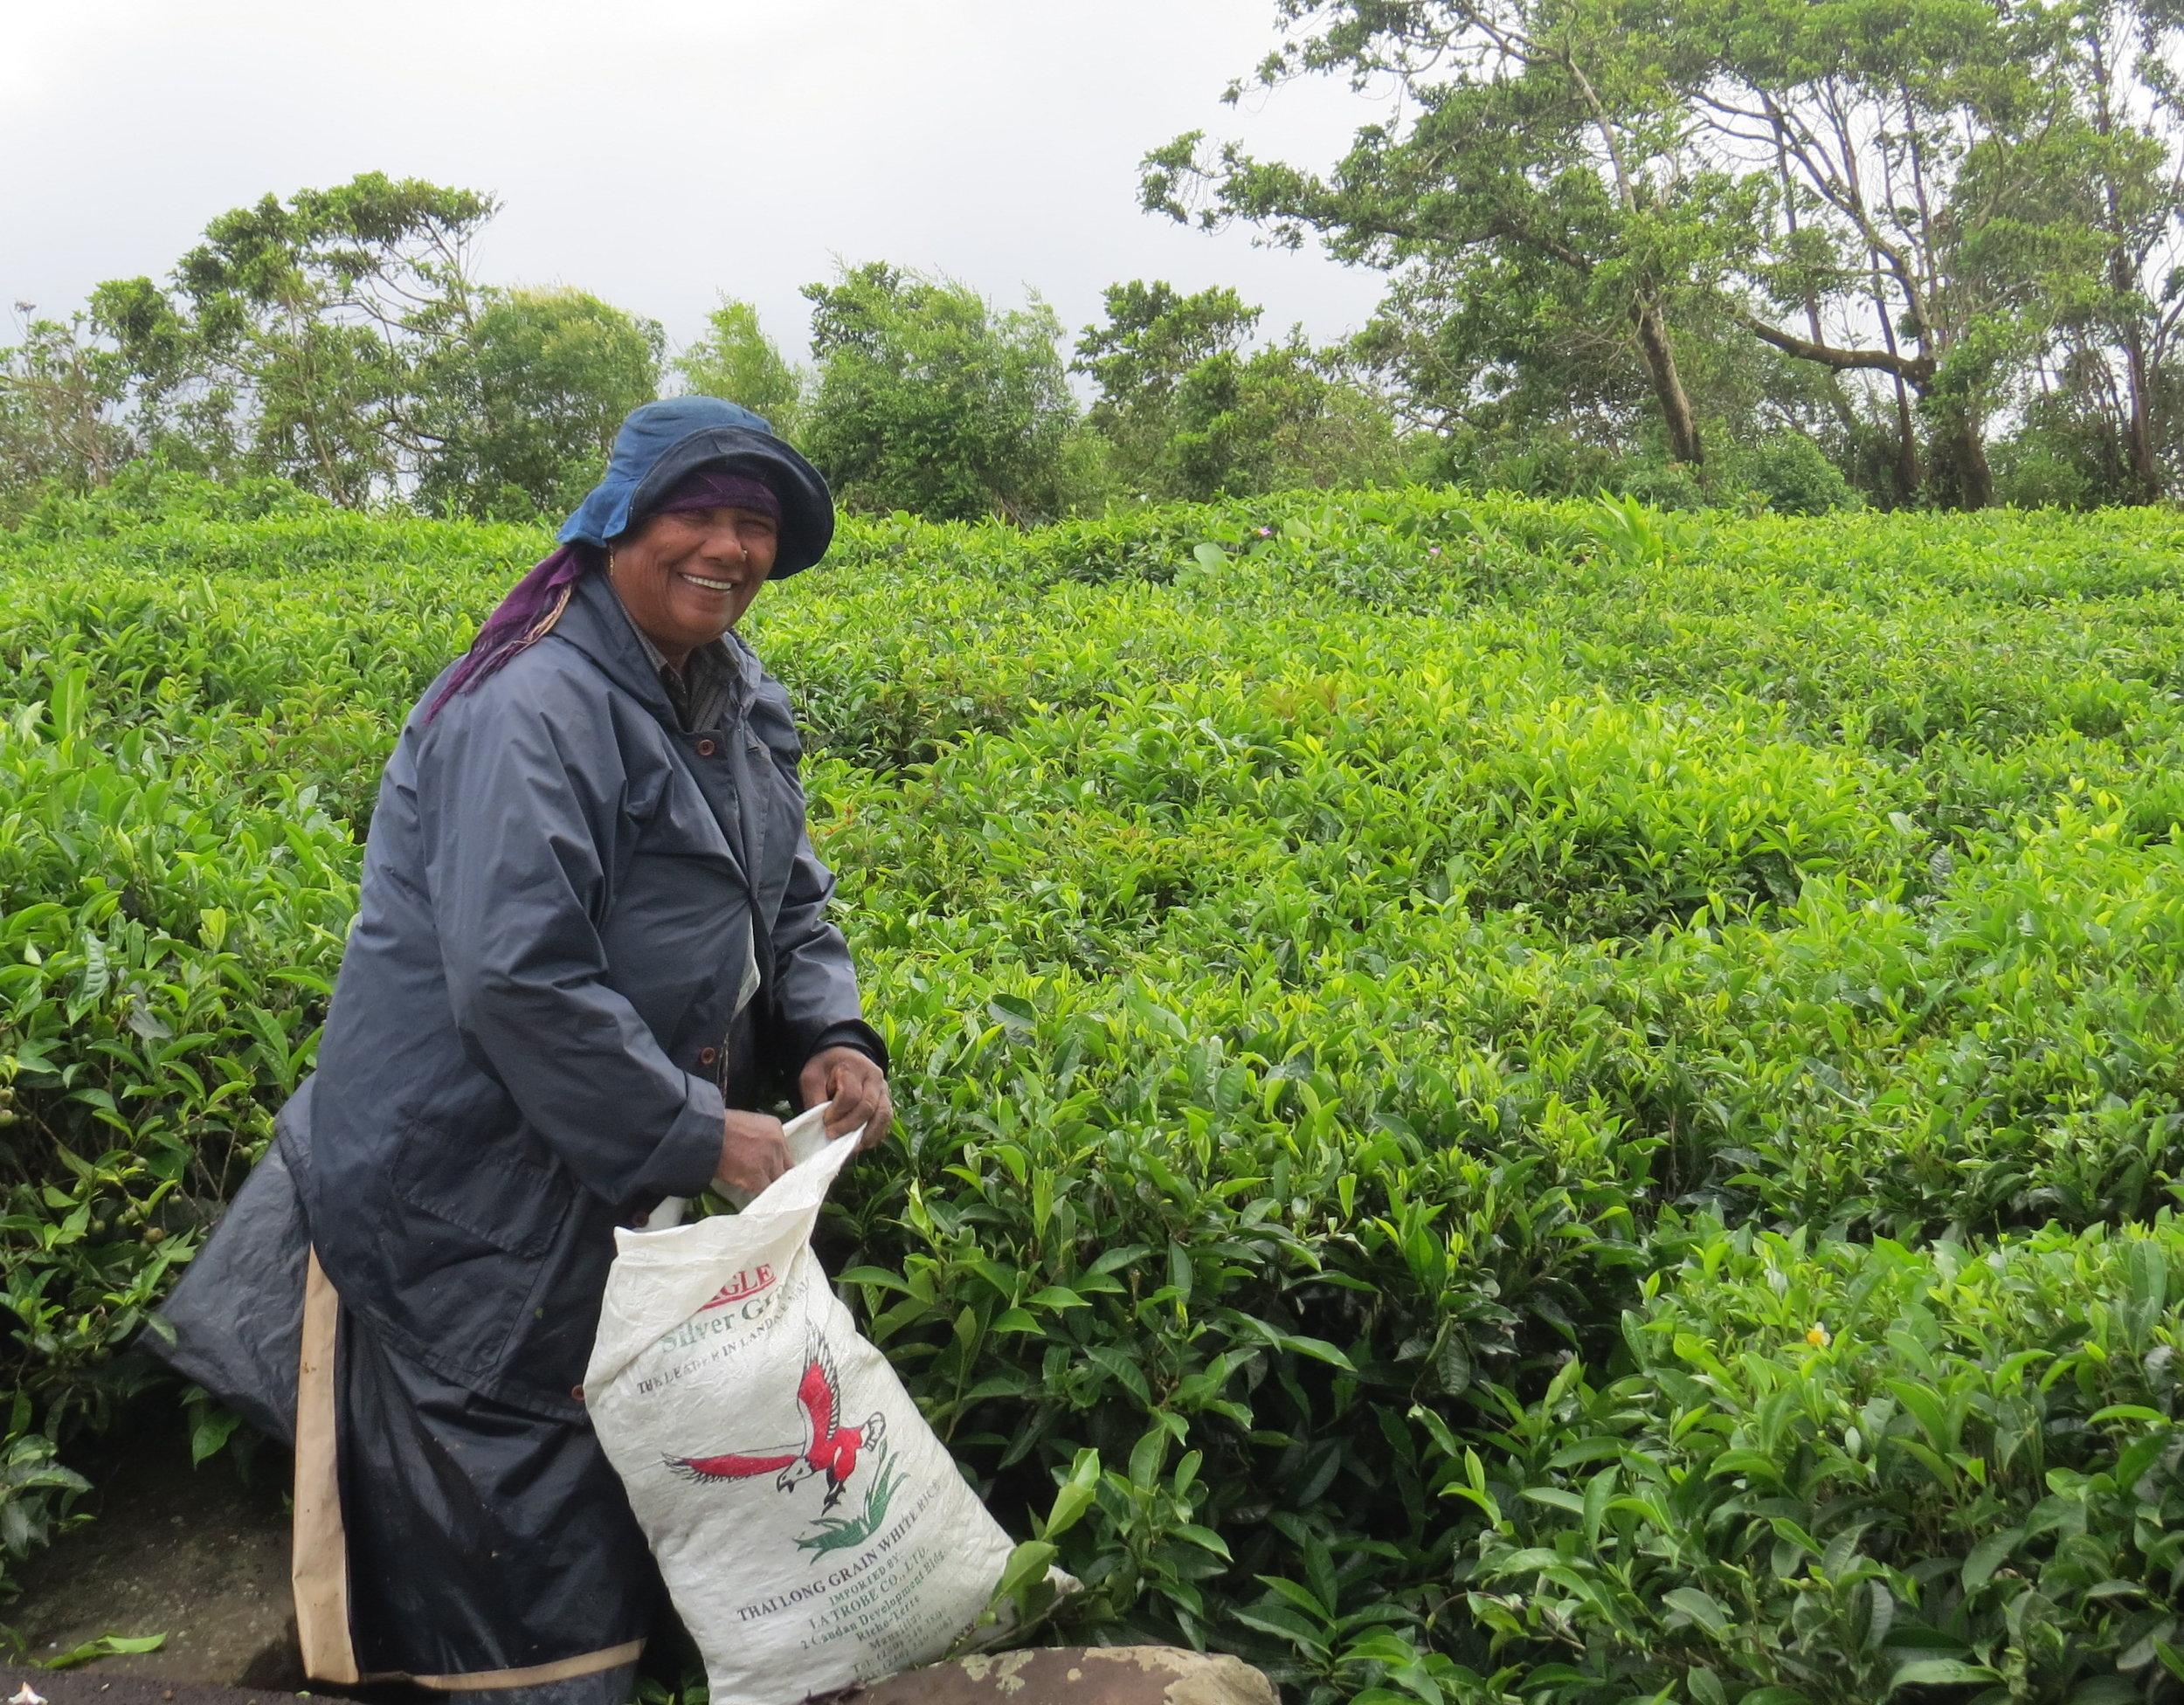 Friendly worker picking tea leaves in the Bois Cheri Factory fields.